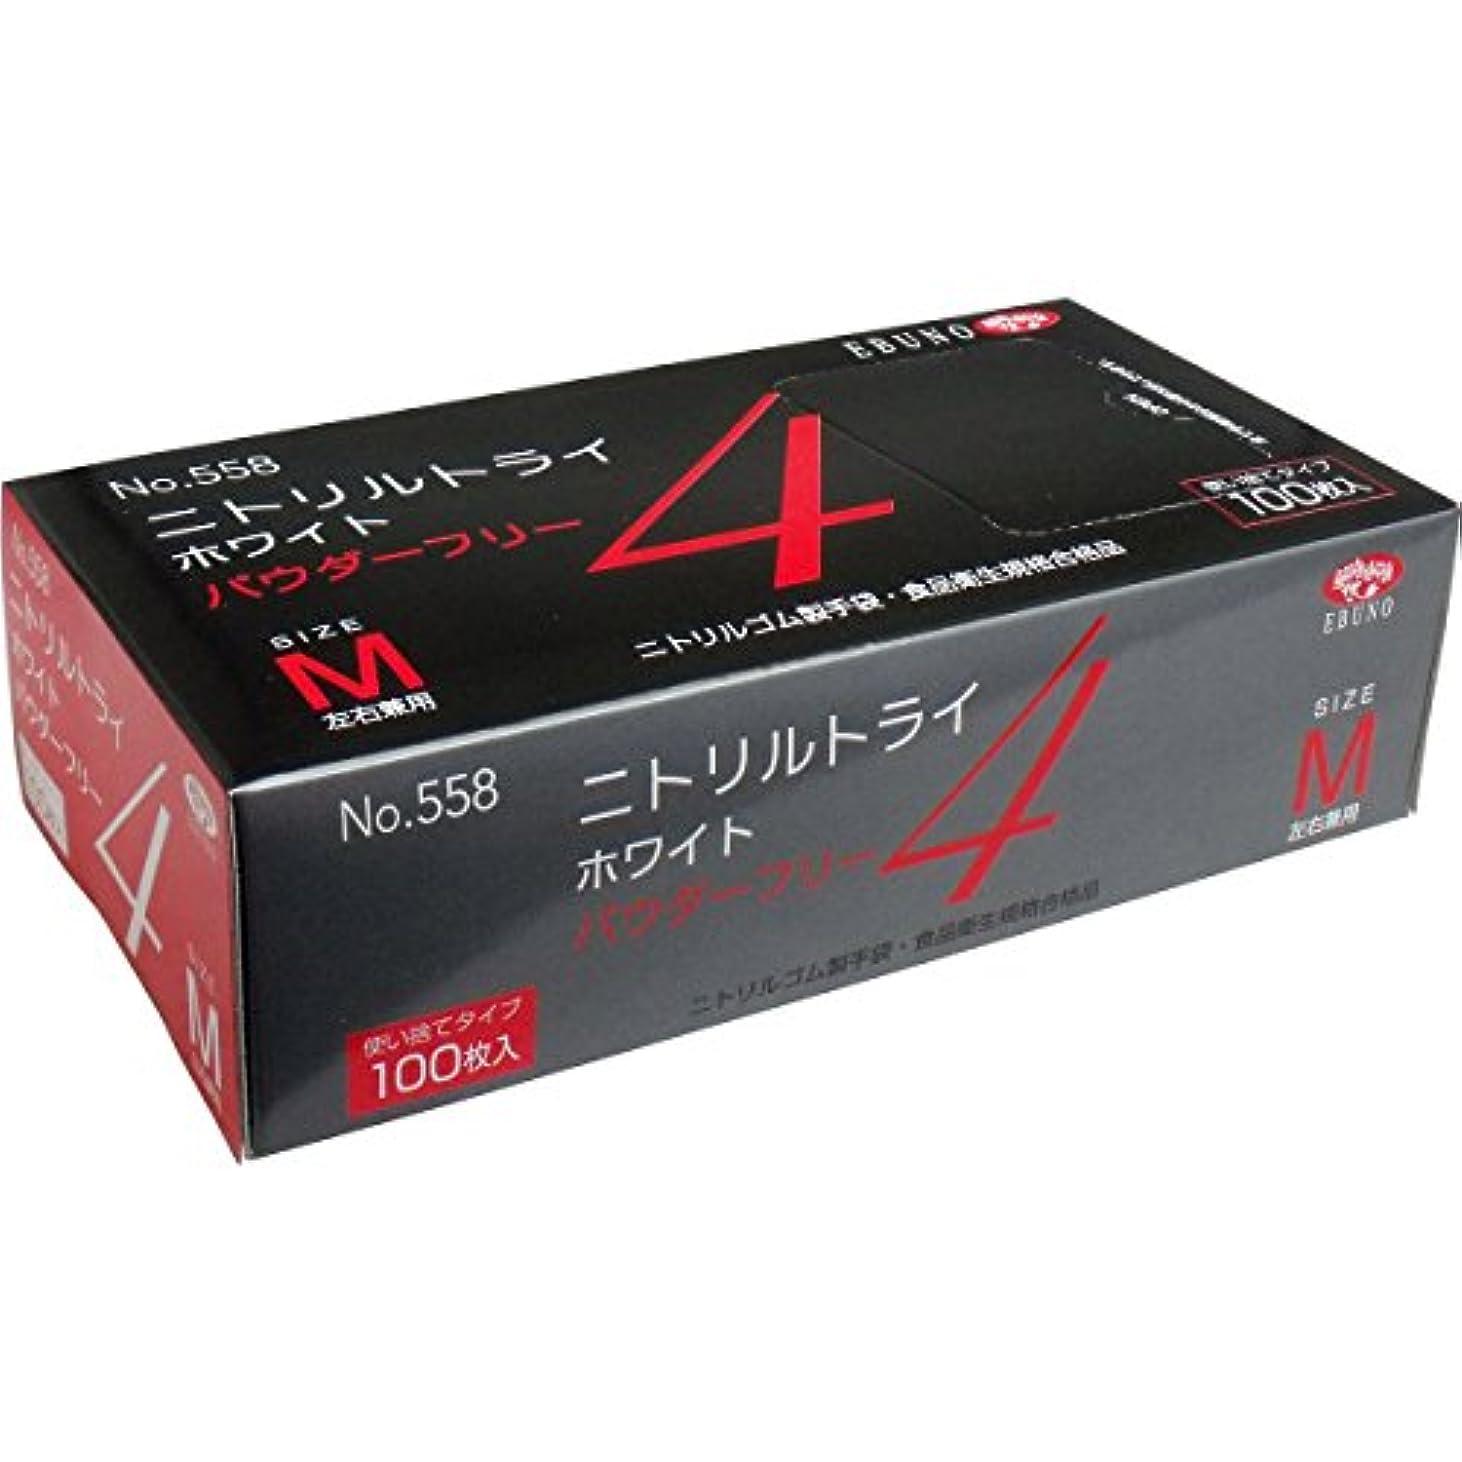 本部結果傘ニトリルトライ4 手袋 ホワイト パウダーフリー Mサイズ 100枚入×2個セット